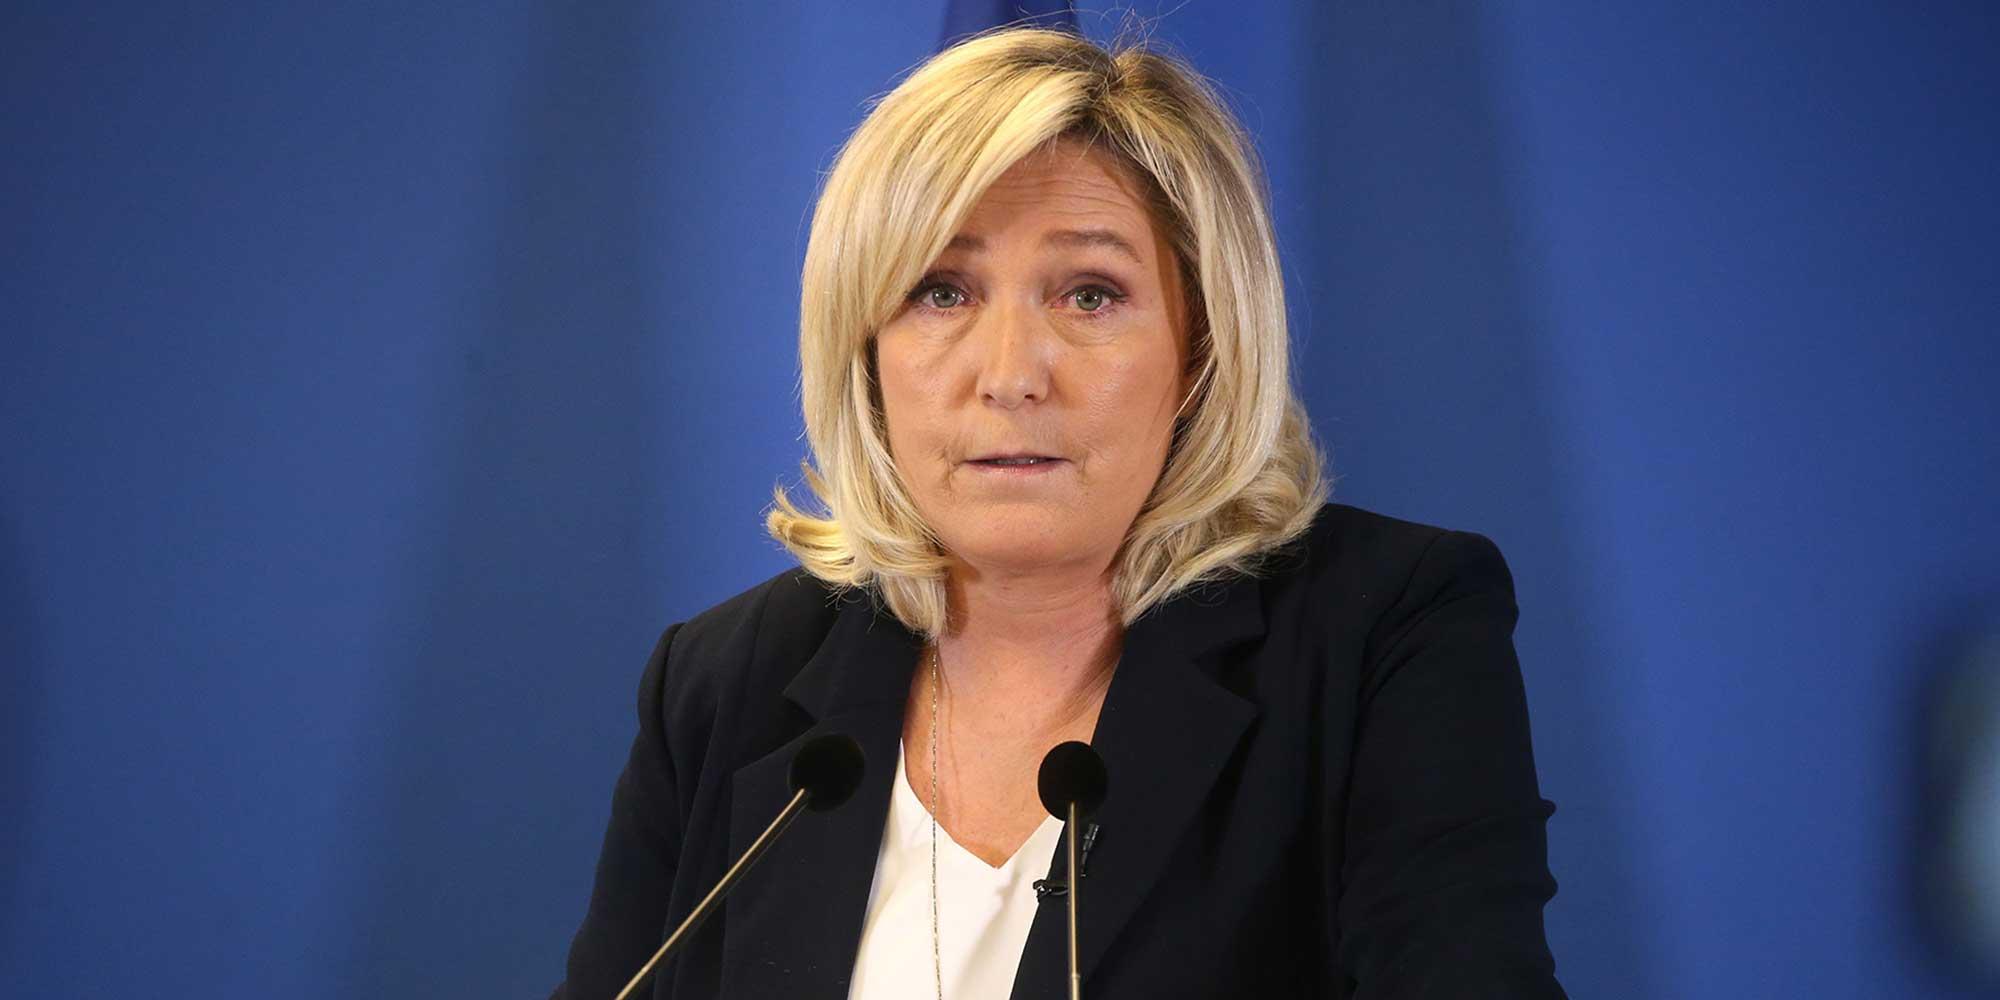 Comment le Covid-19 et l'Union européenne ont offert à Marine Le Pen un répit judiciaire